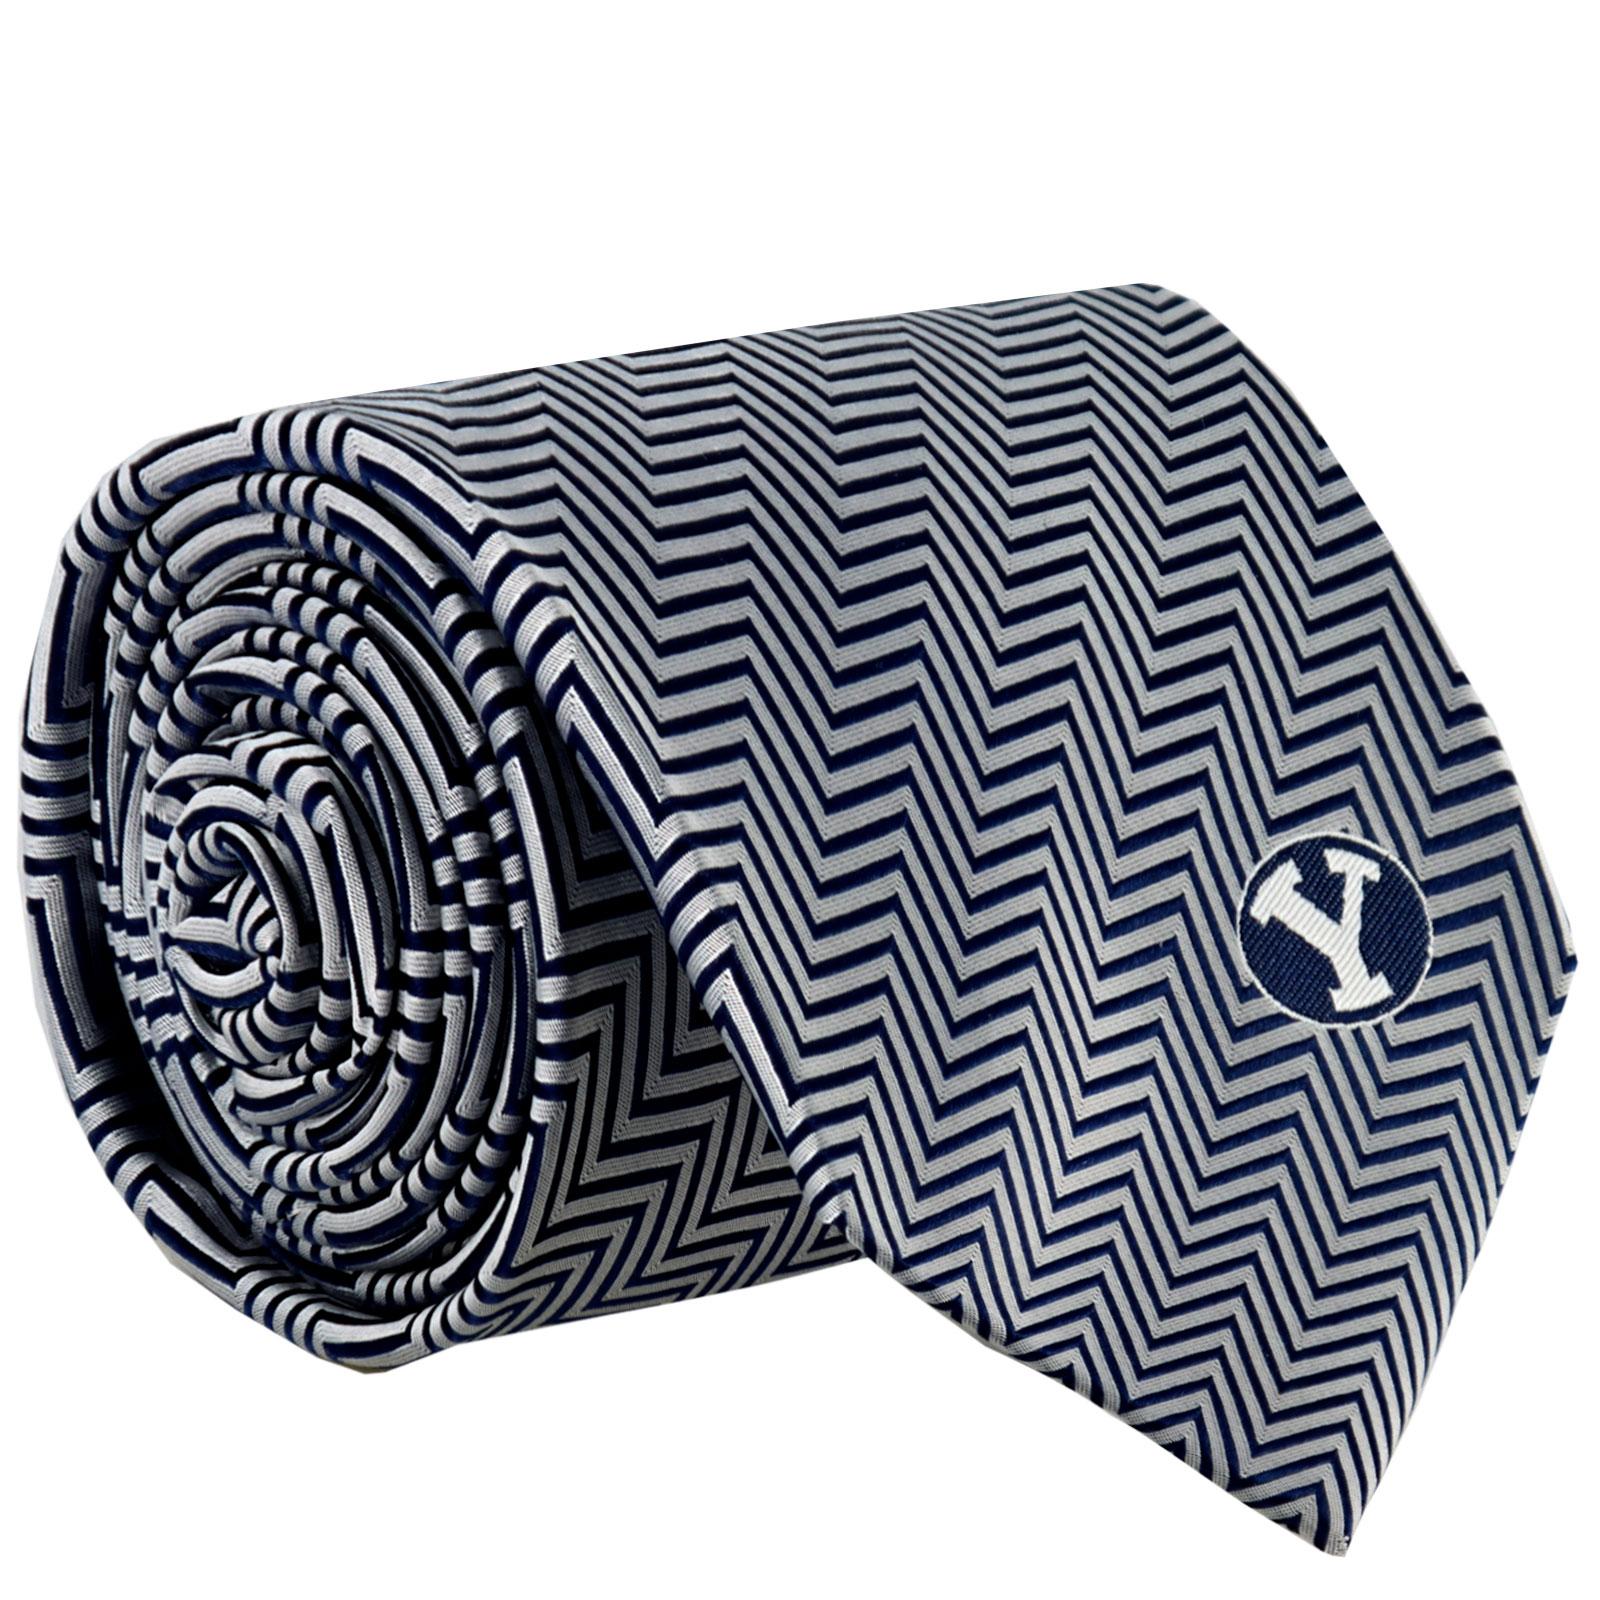 Oval Y BYU Silk Tie - BSC